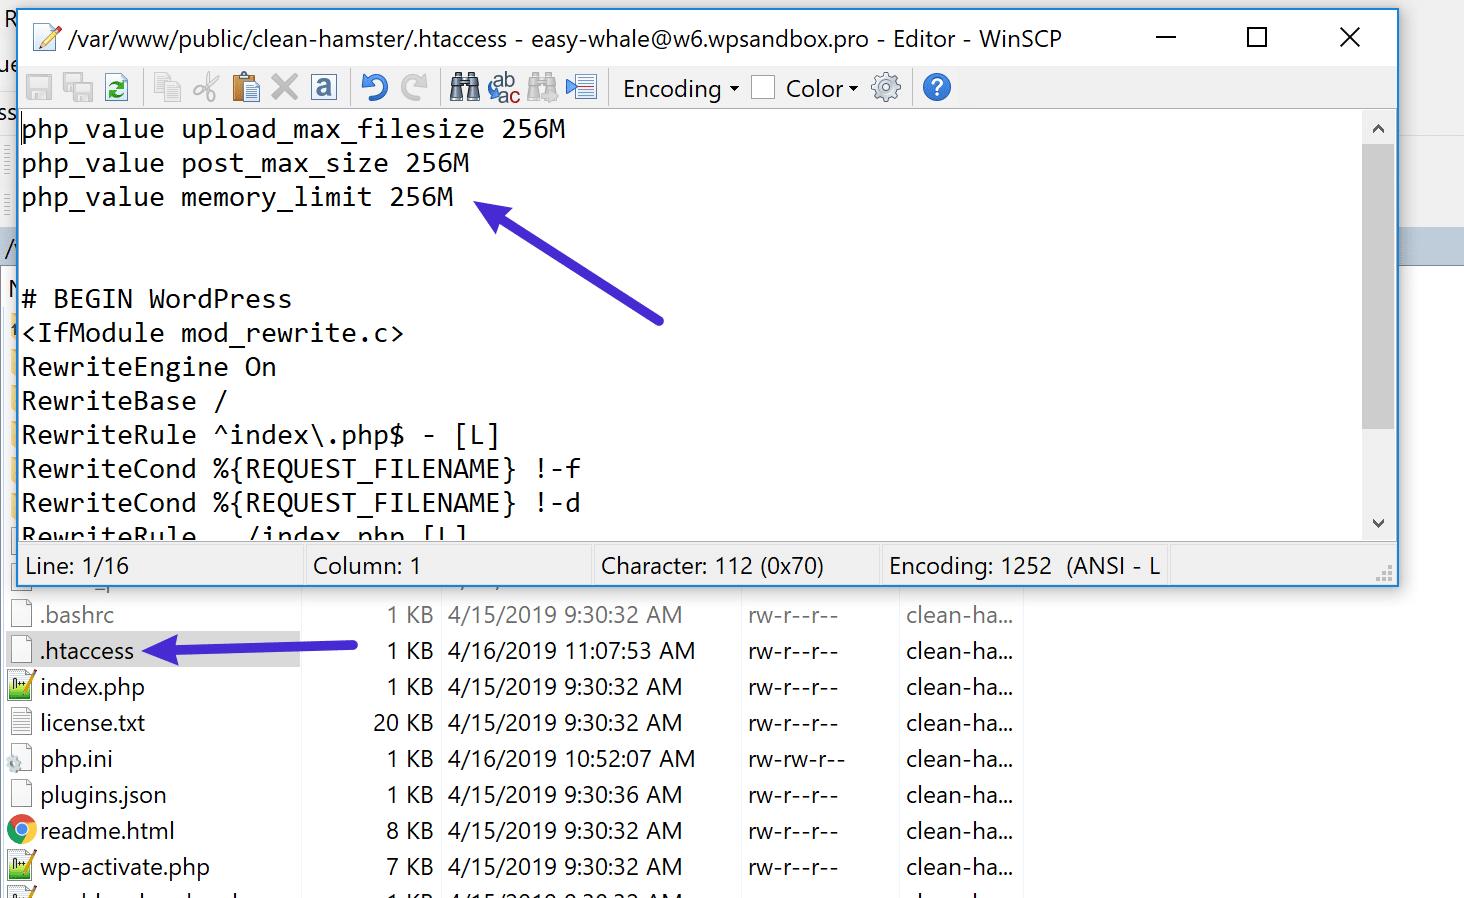 .htaccessを使用してphp.iniファイルを管理する